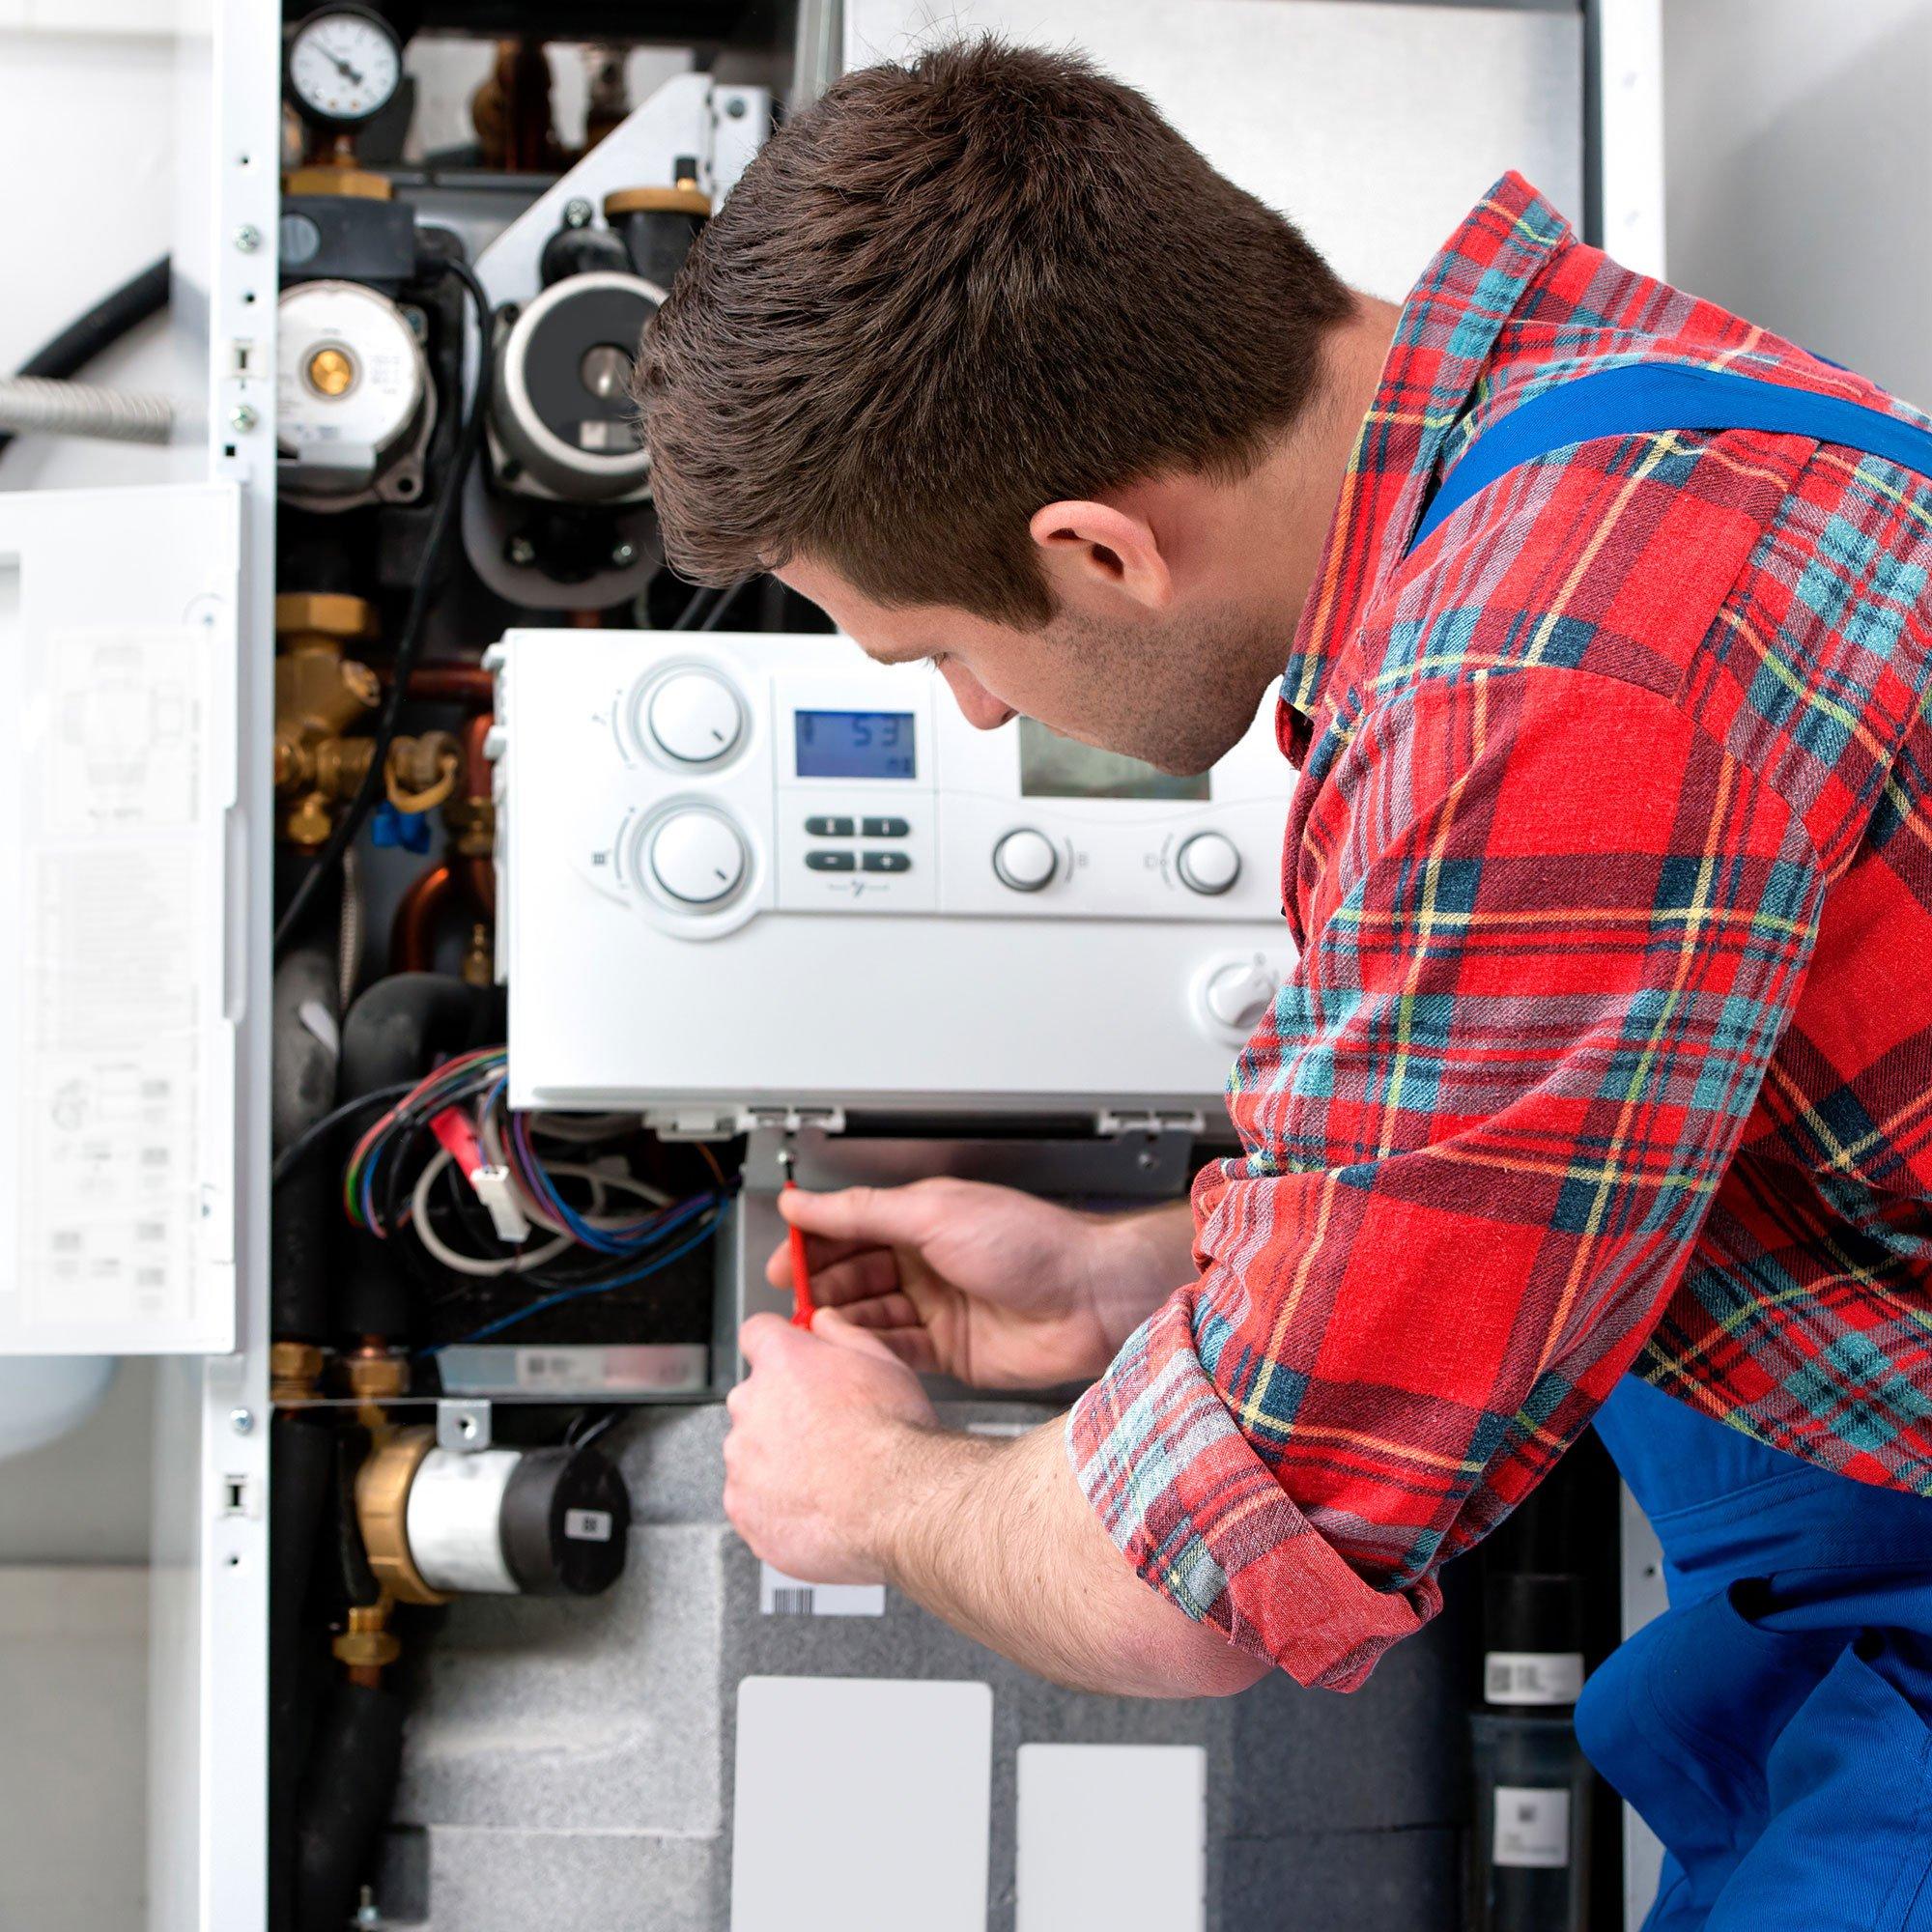 technicien-en-electromenager-electromecanique-02